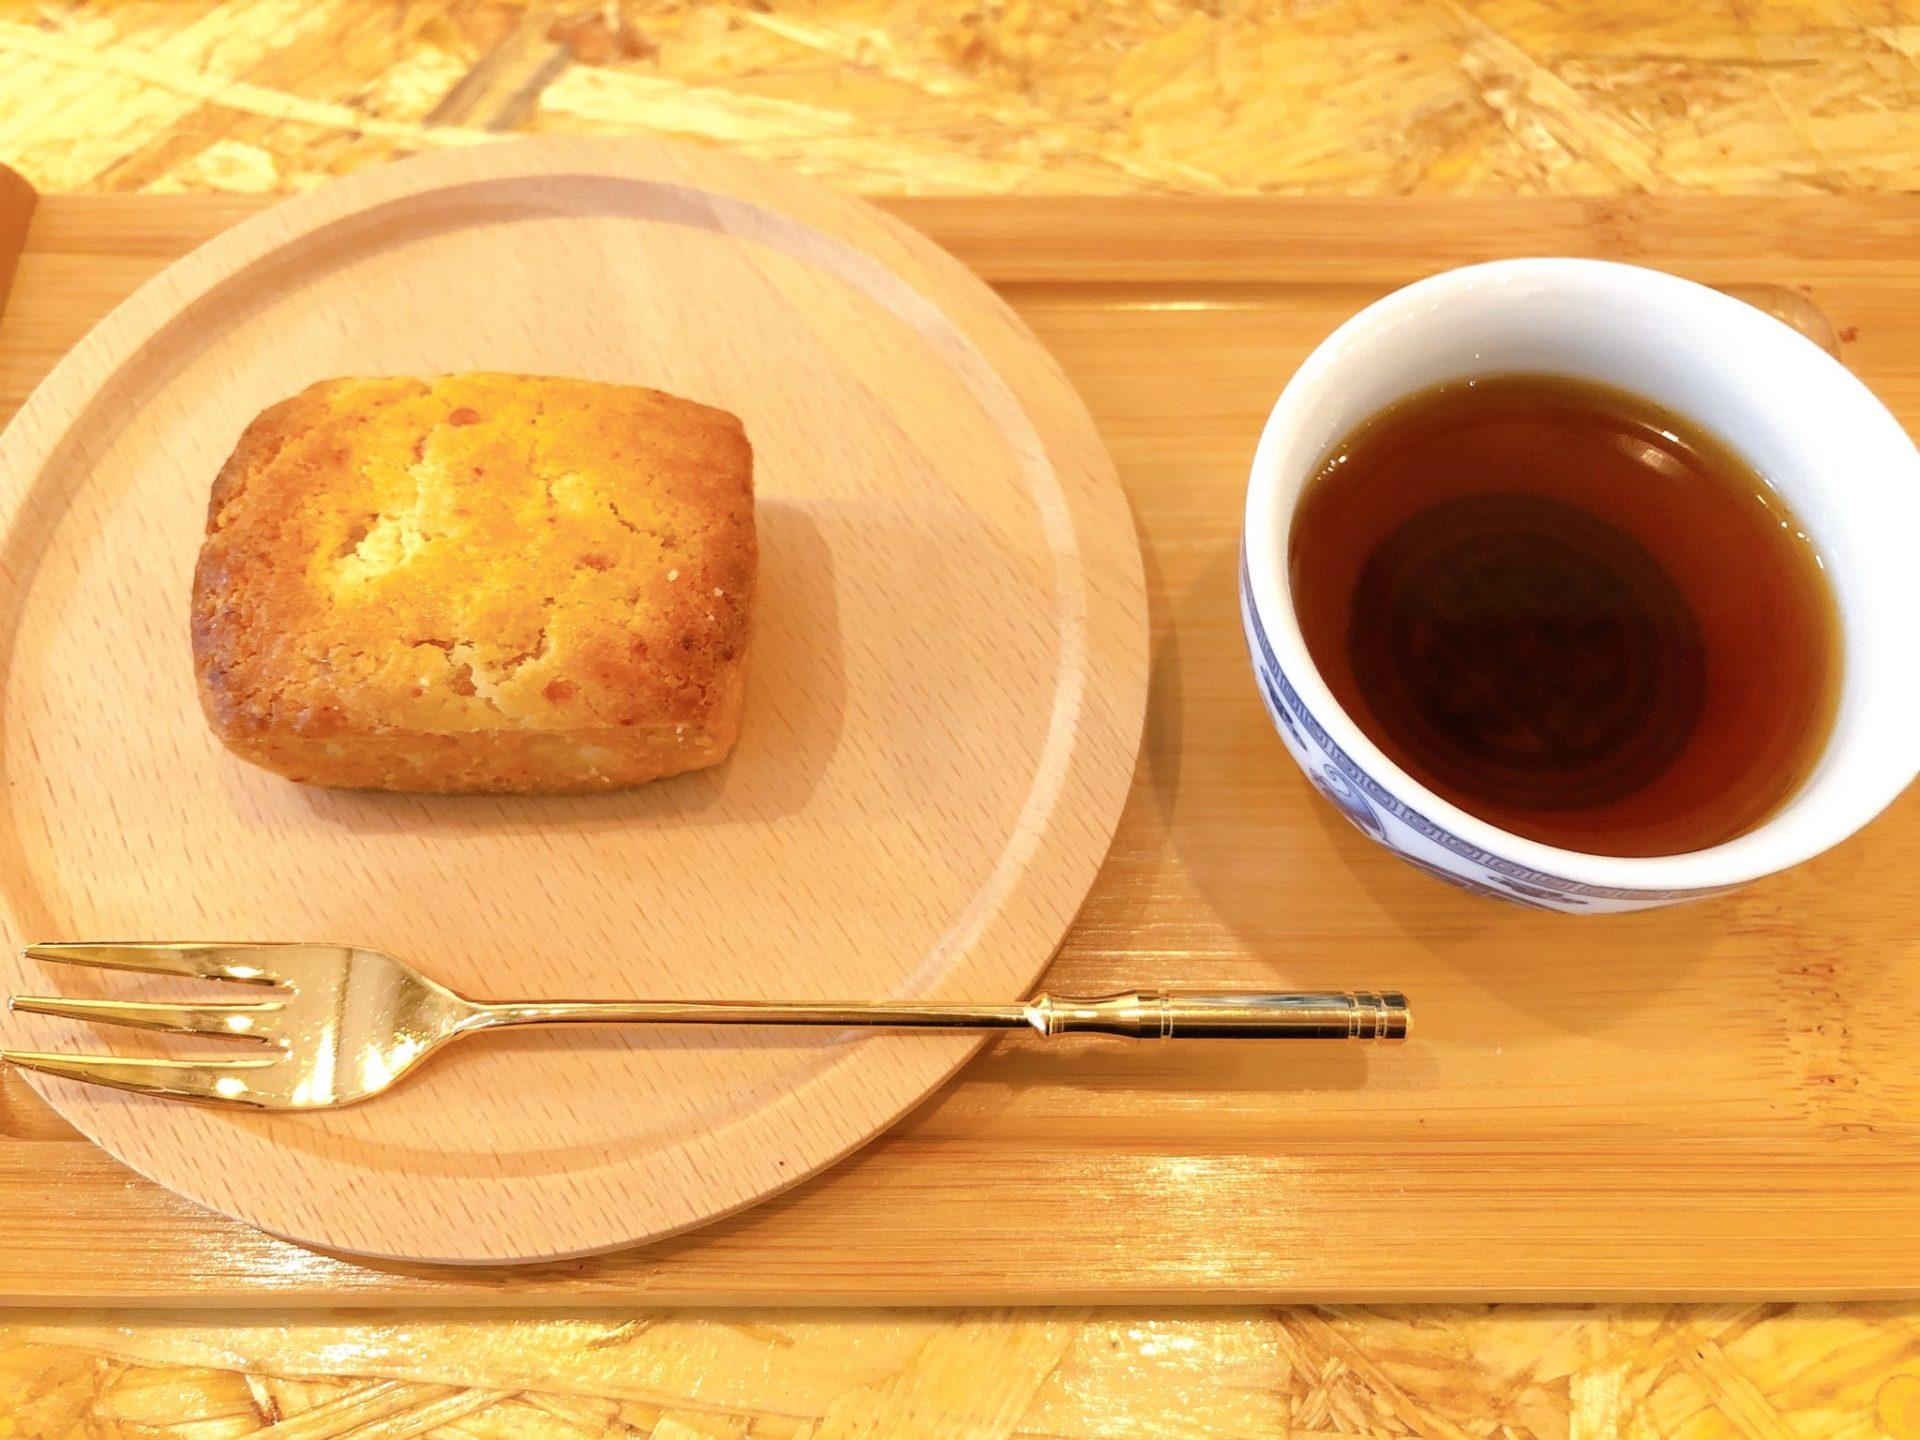 MEILI(メイリー)下高井戸のパイナップルケーキ